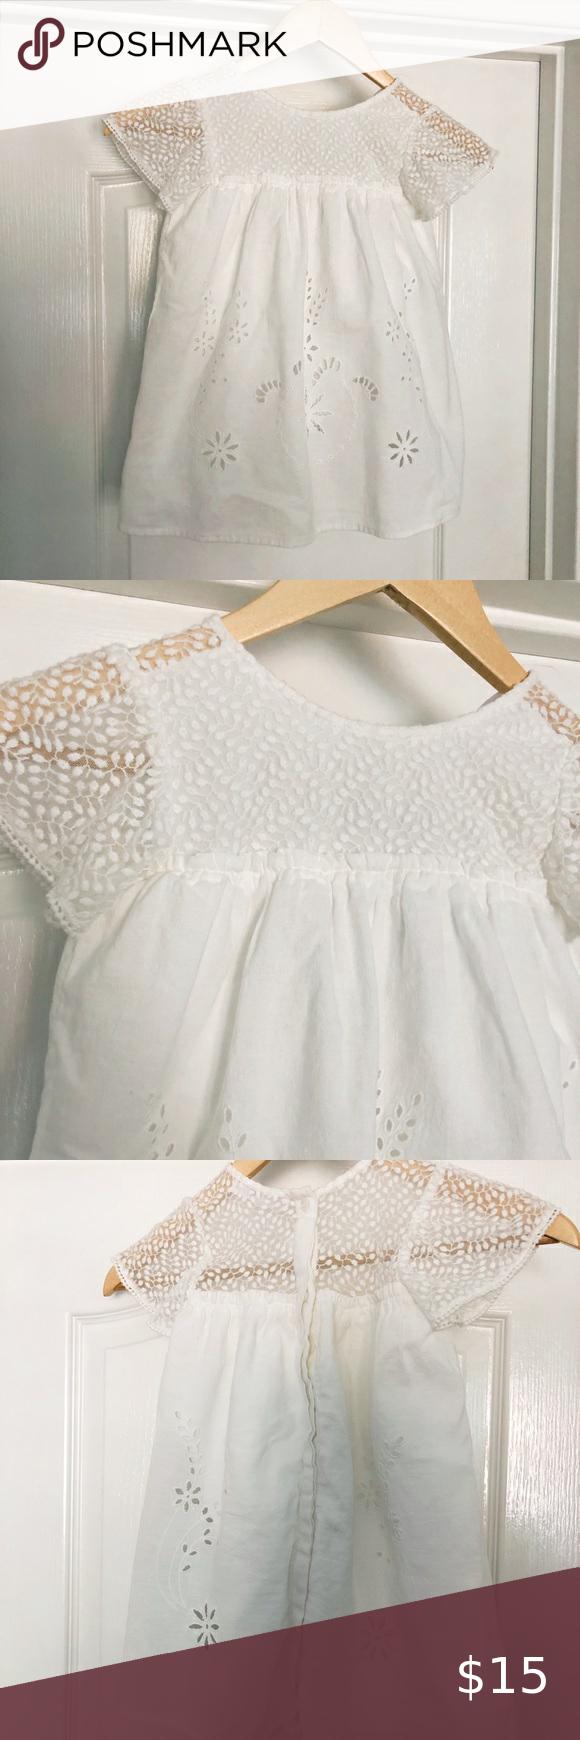 Zara Kids Girls White Eyelet Dress White Eyelet Dress Zara Kids Girls Eyelet Dress [ 1740 x 580 Pixel ]